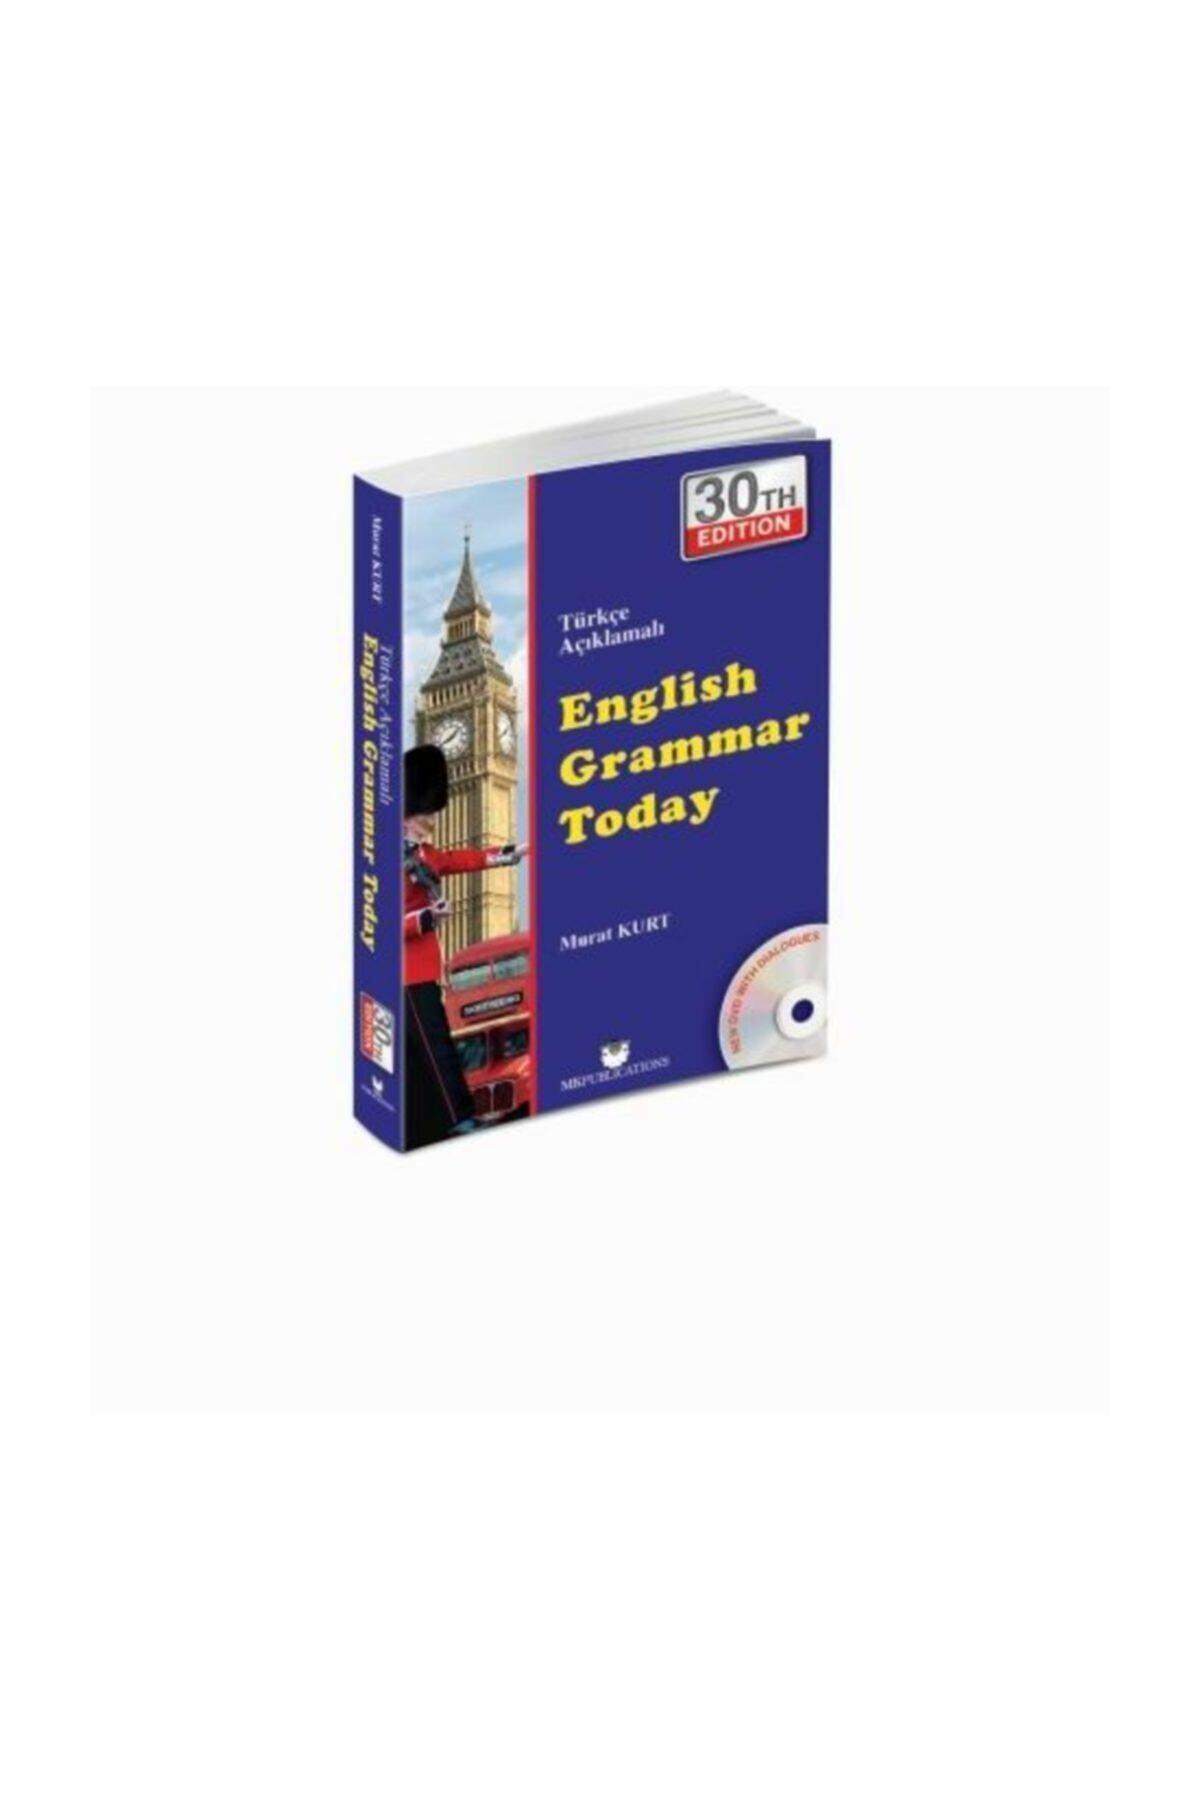 MK Publications English Grammar Today Türkçe Açıklamalı Ingilizce Gramer 1